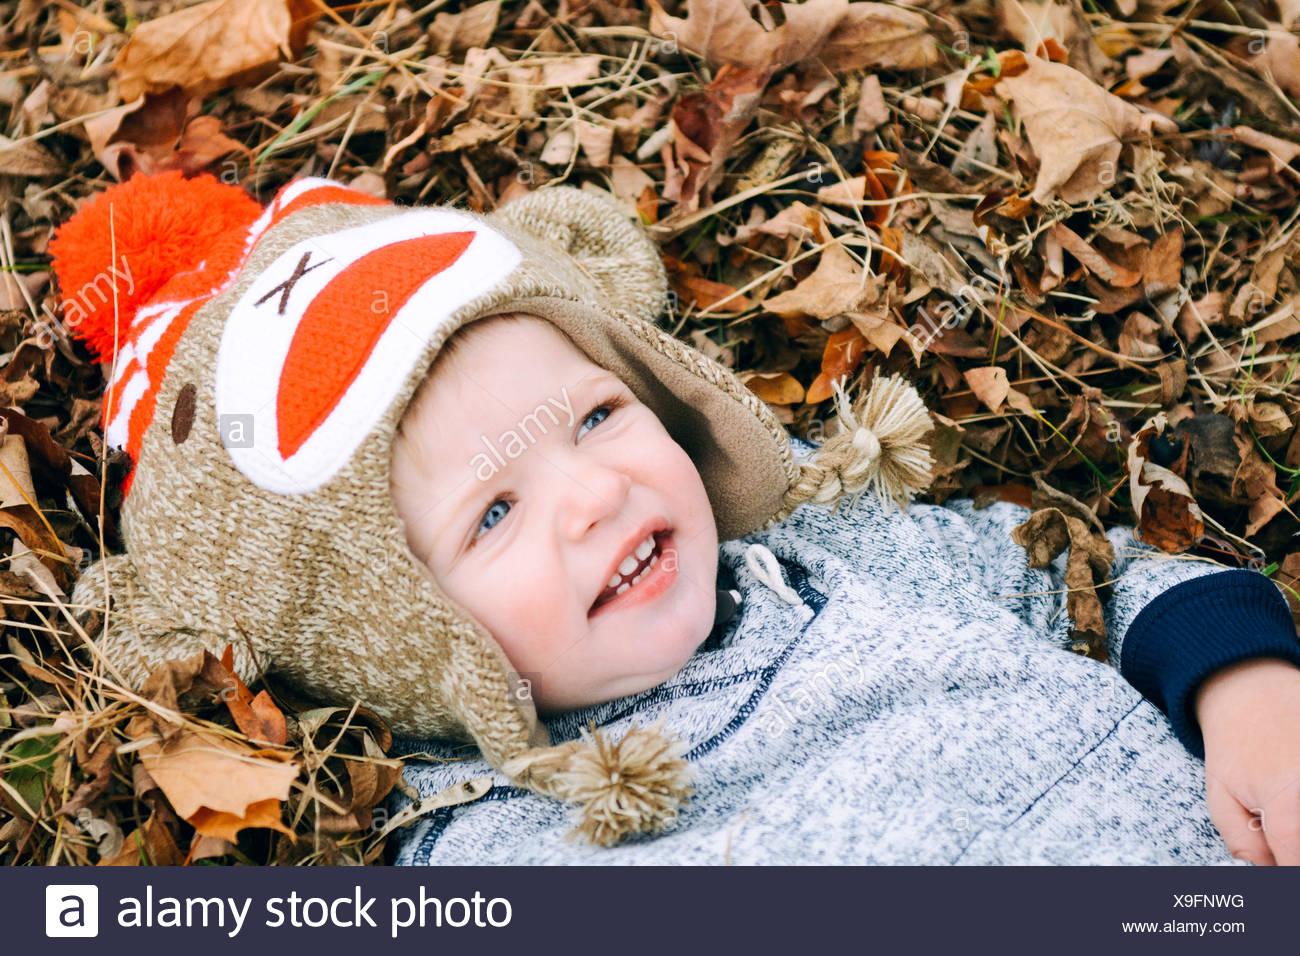 Junge liegend in Haufen von Blättern Stockbild